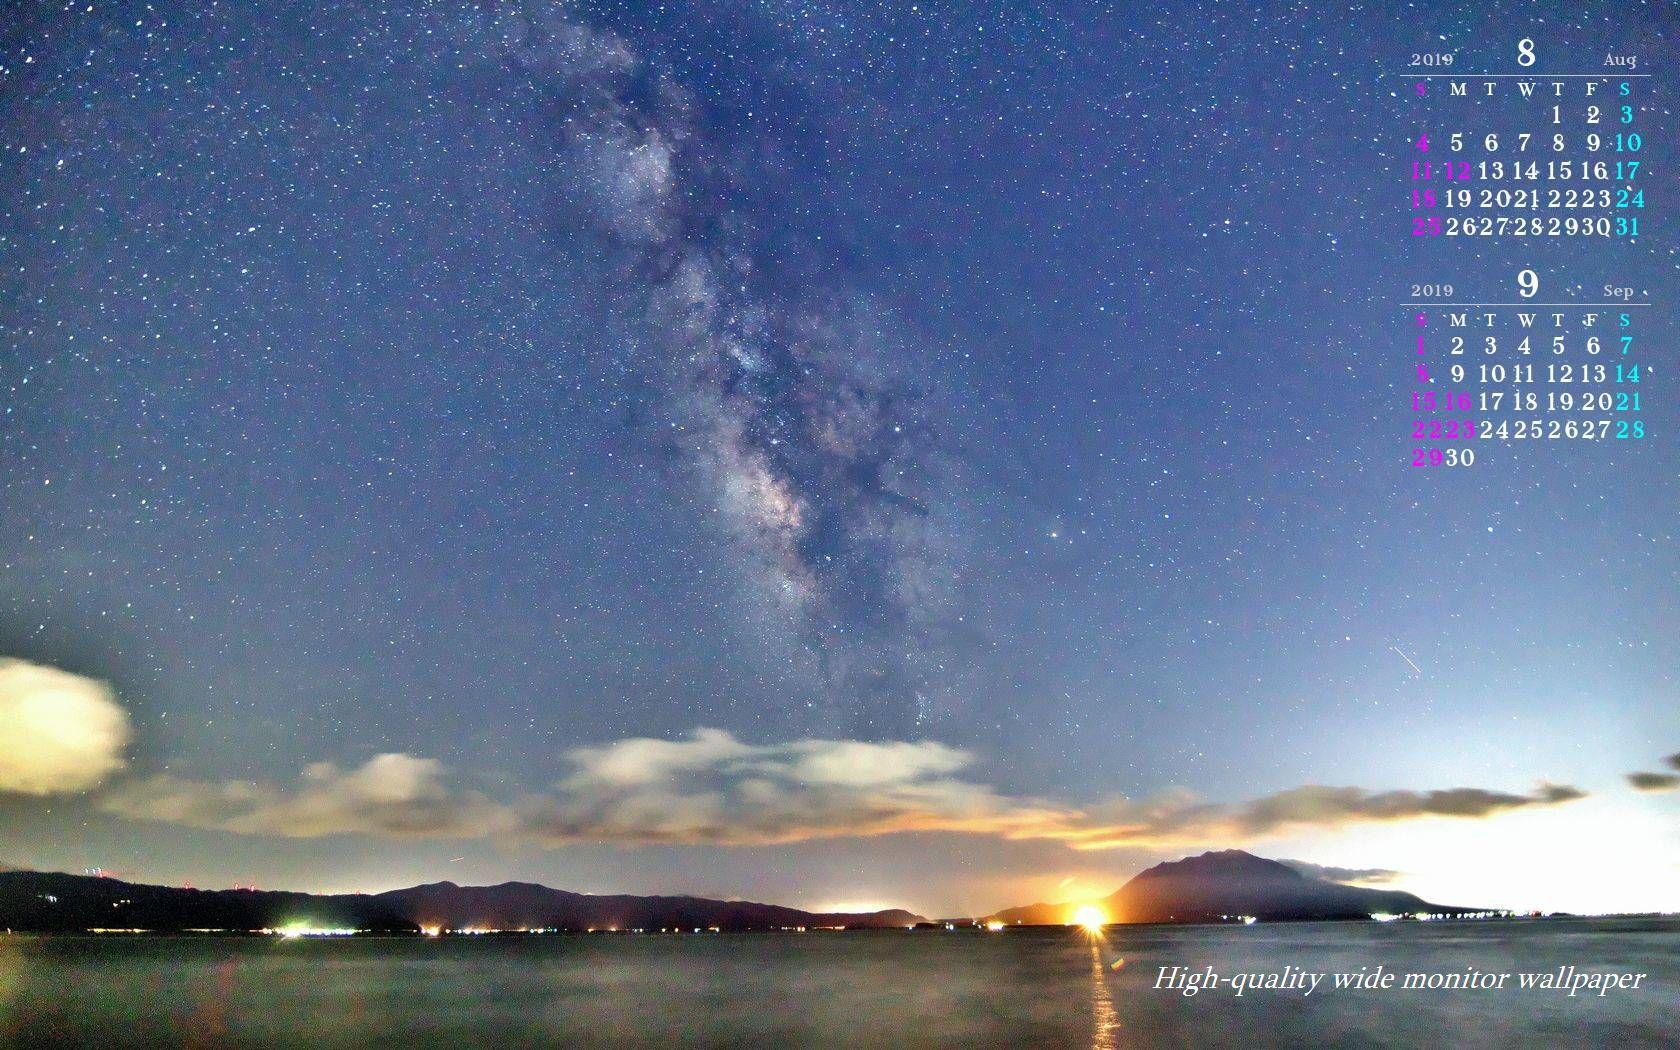 桜島と天の川をモチーフにしました19年8月9月のカレンダー付きワイドモニター高画質壁紙 1680 1050 アスペクト比16 10霧島連山 自然風景 星景写真 花 山野草